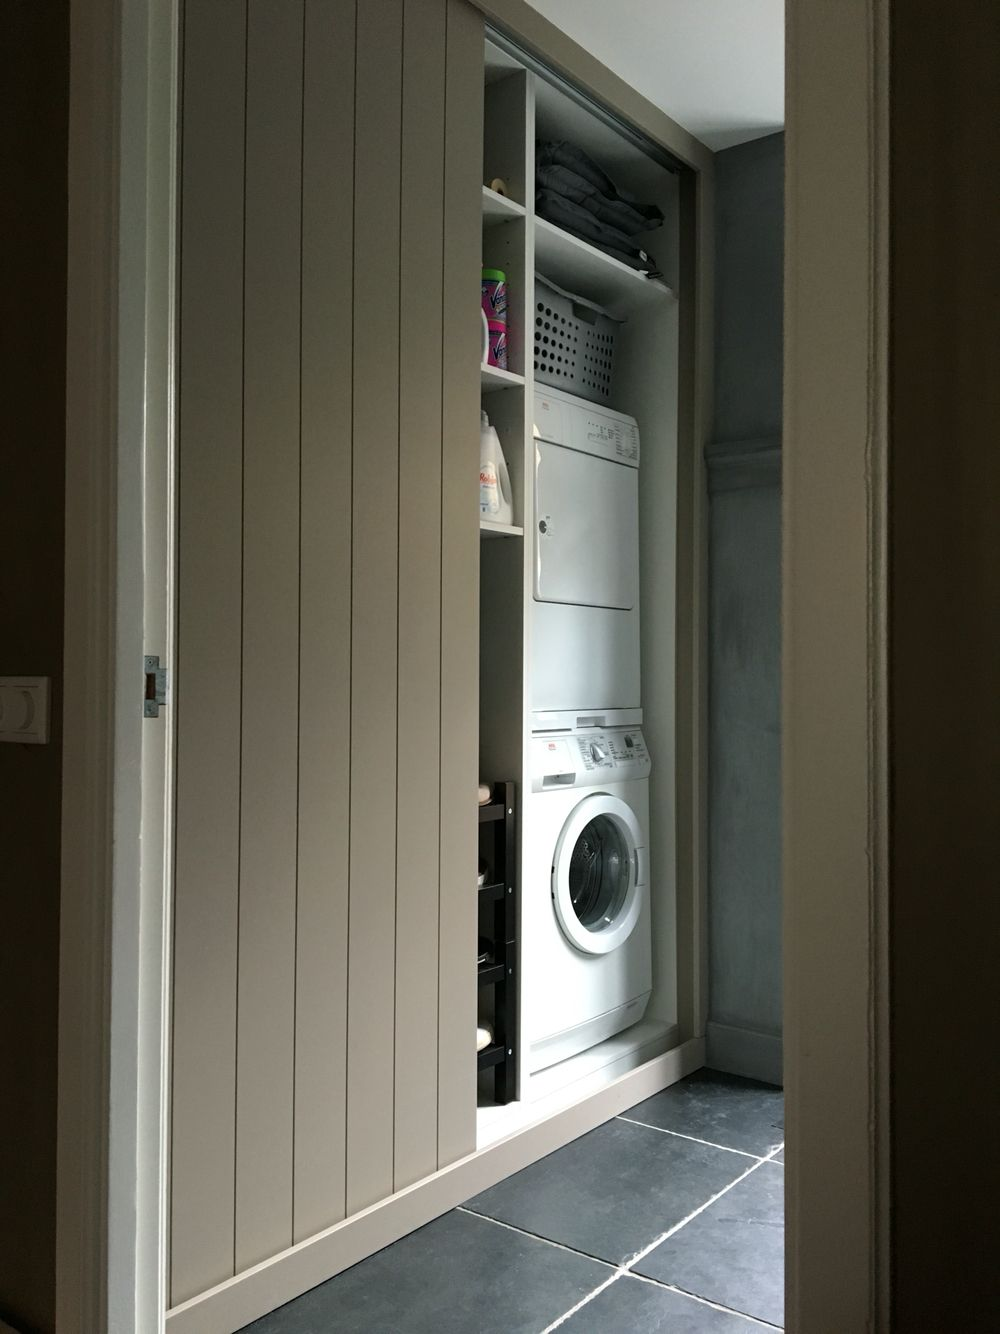 Wasmachine Kast Maken Woonkamer Decor Ideeën Kafkasfanclub